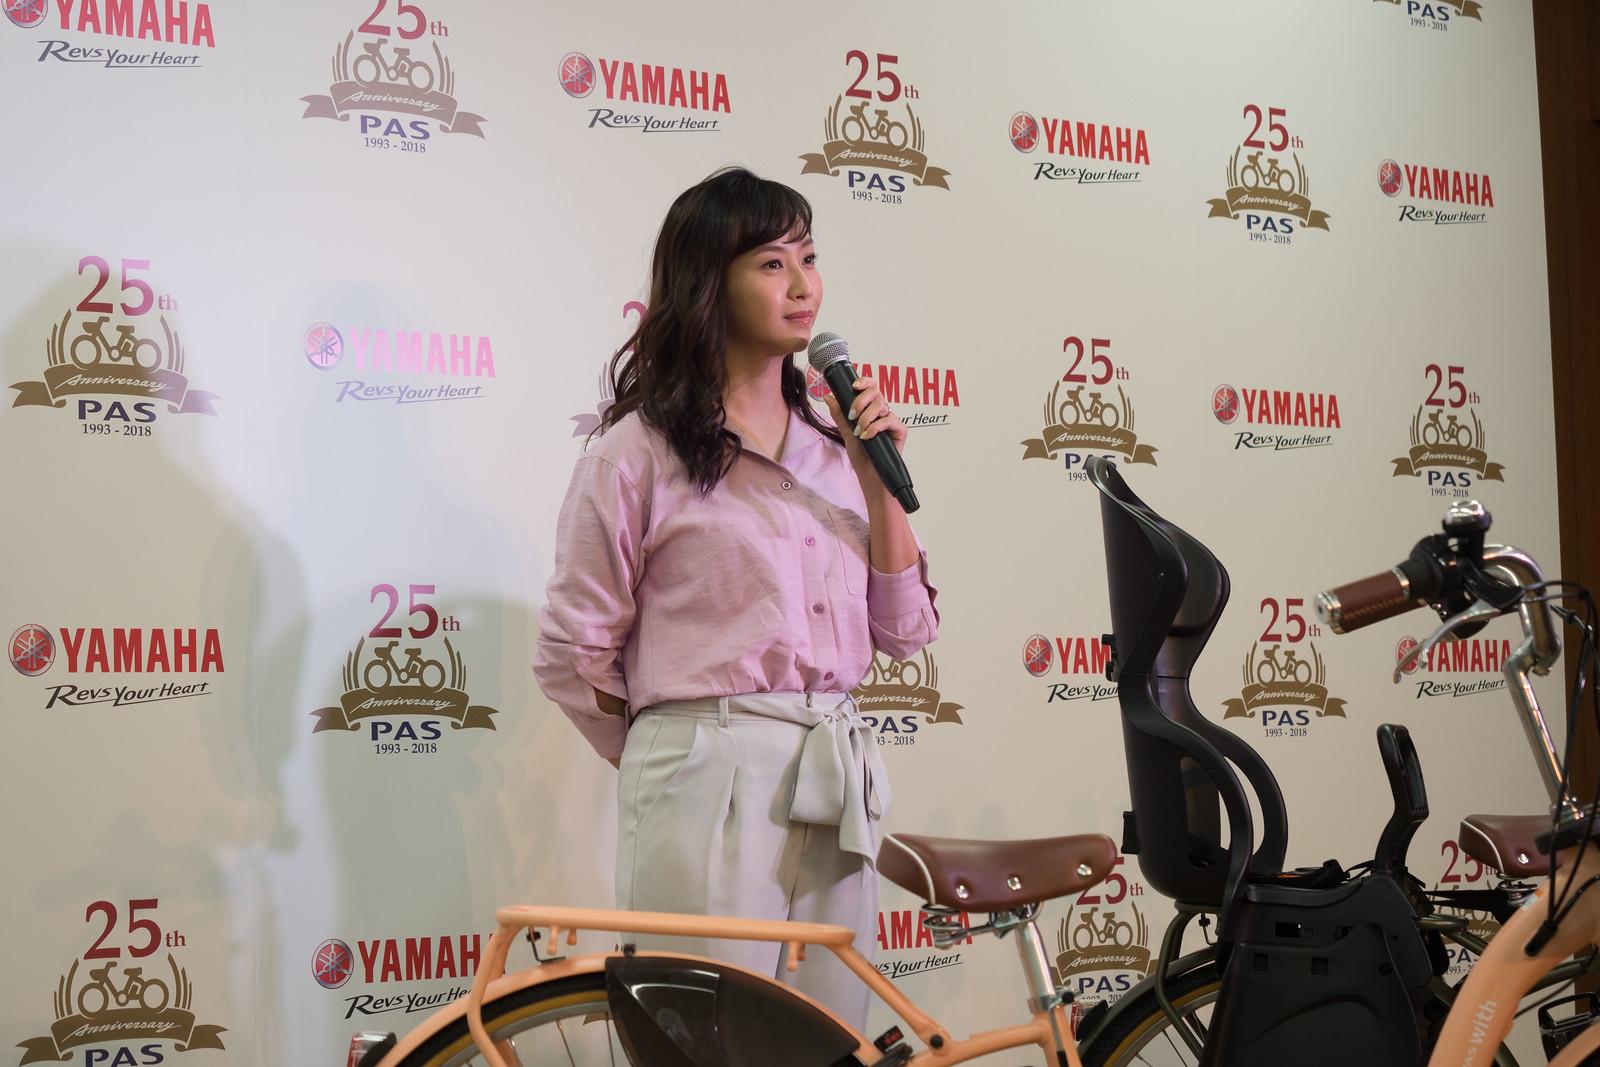 YAMAHA_PAS-39